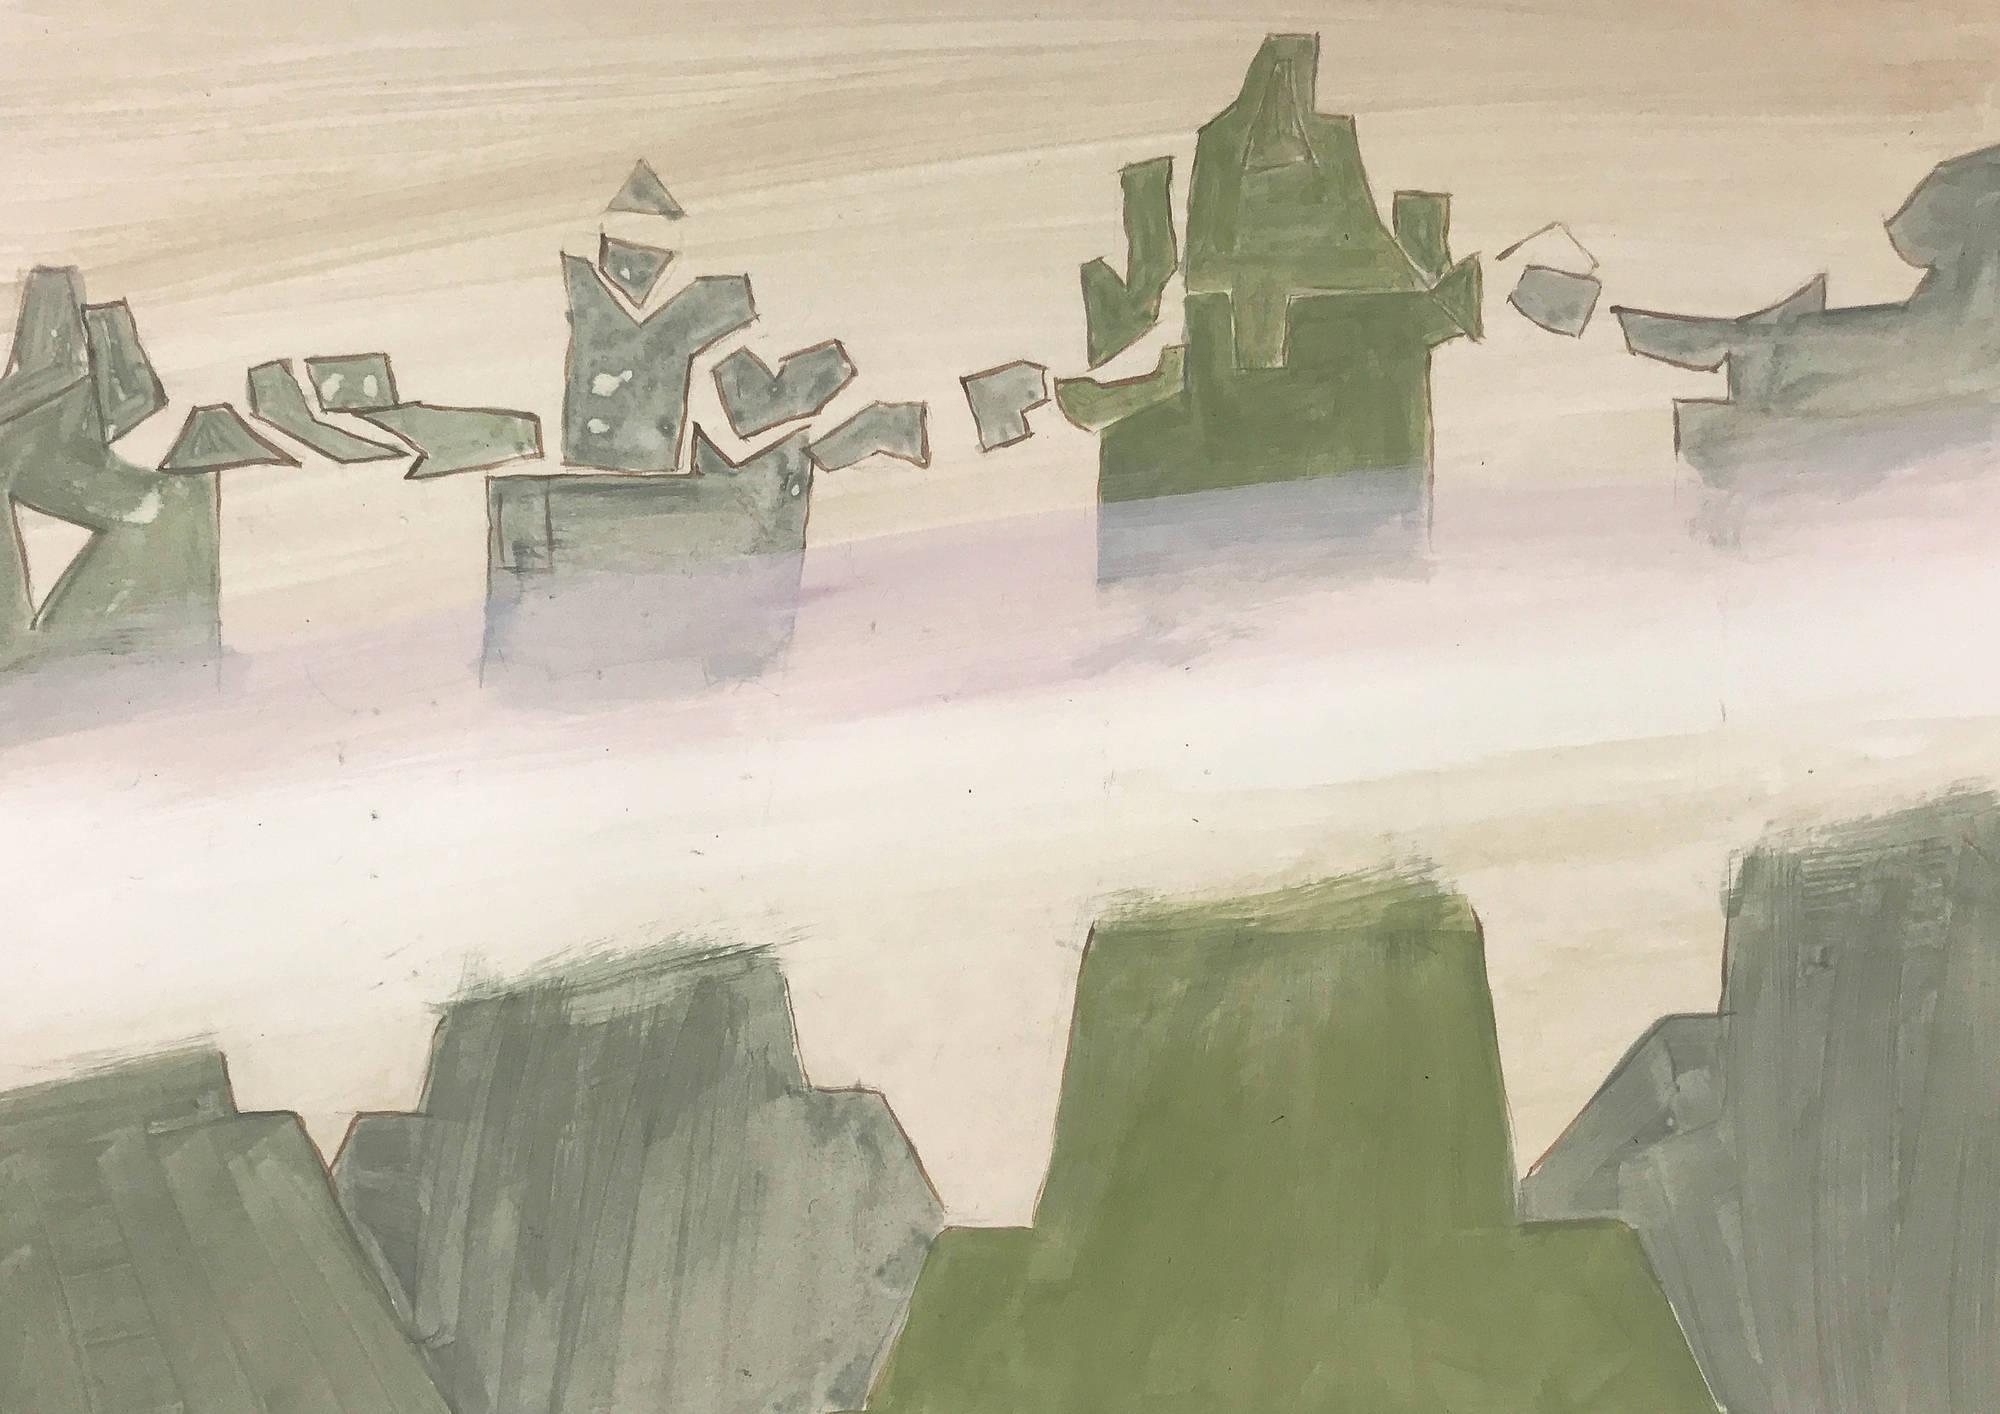 Mist at the Pillars